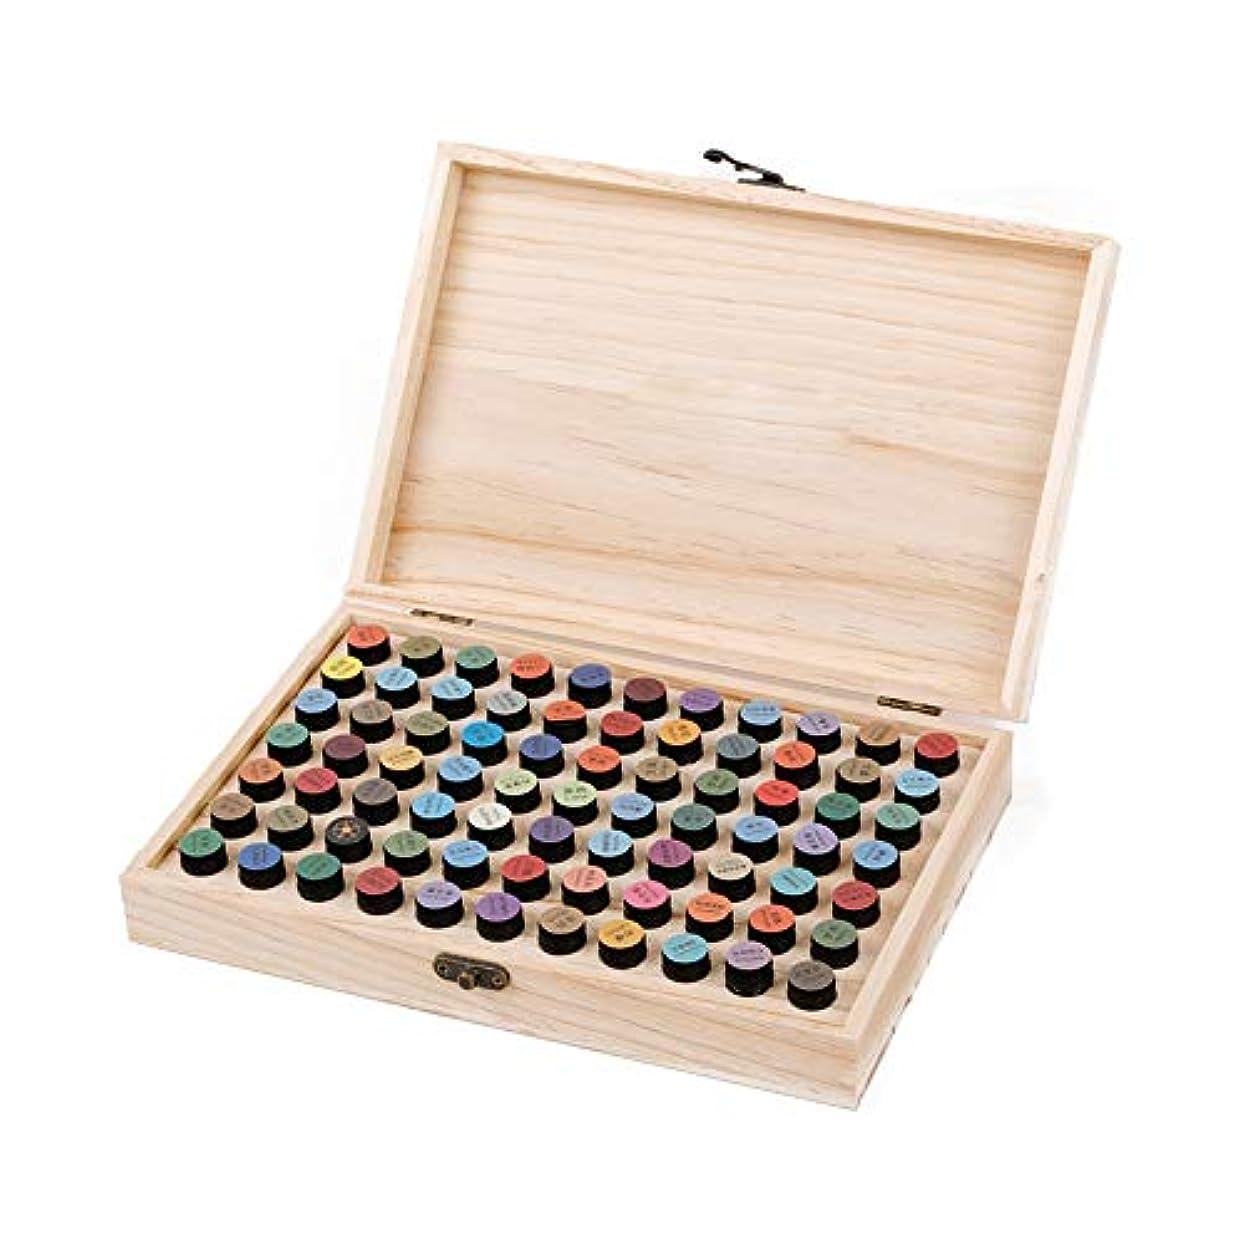 家具十代覚醒エッセンシャルオイルボックス 2ミリリットルのエッセンシャルオイル木製収納ボックスあなたの貴重なエッセンシャルオイルを格納するのに適した77個のスロット アロマセラピー収納ボックス (色 : Natural, サイズ : 29X19X4CM)